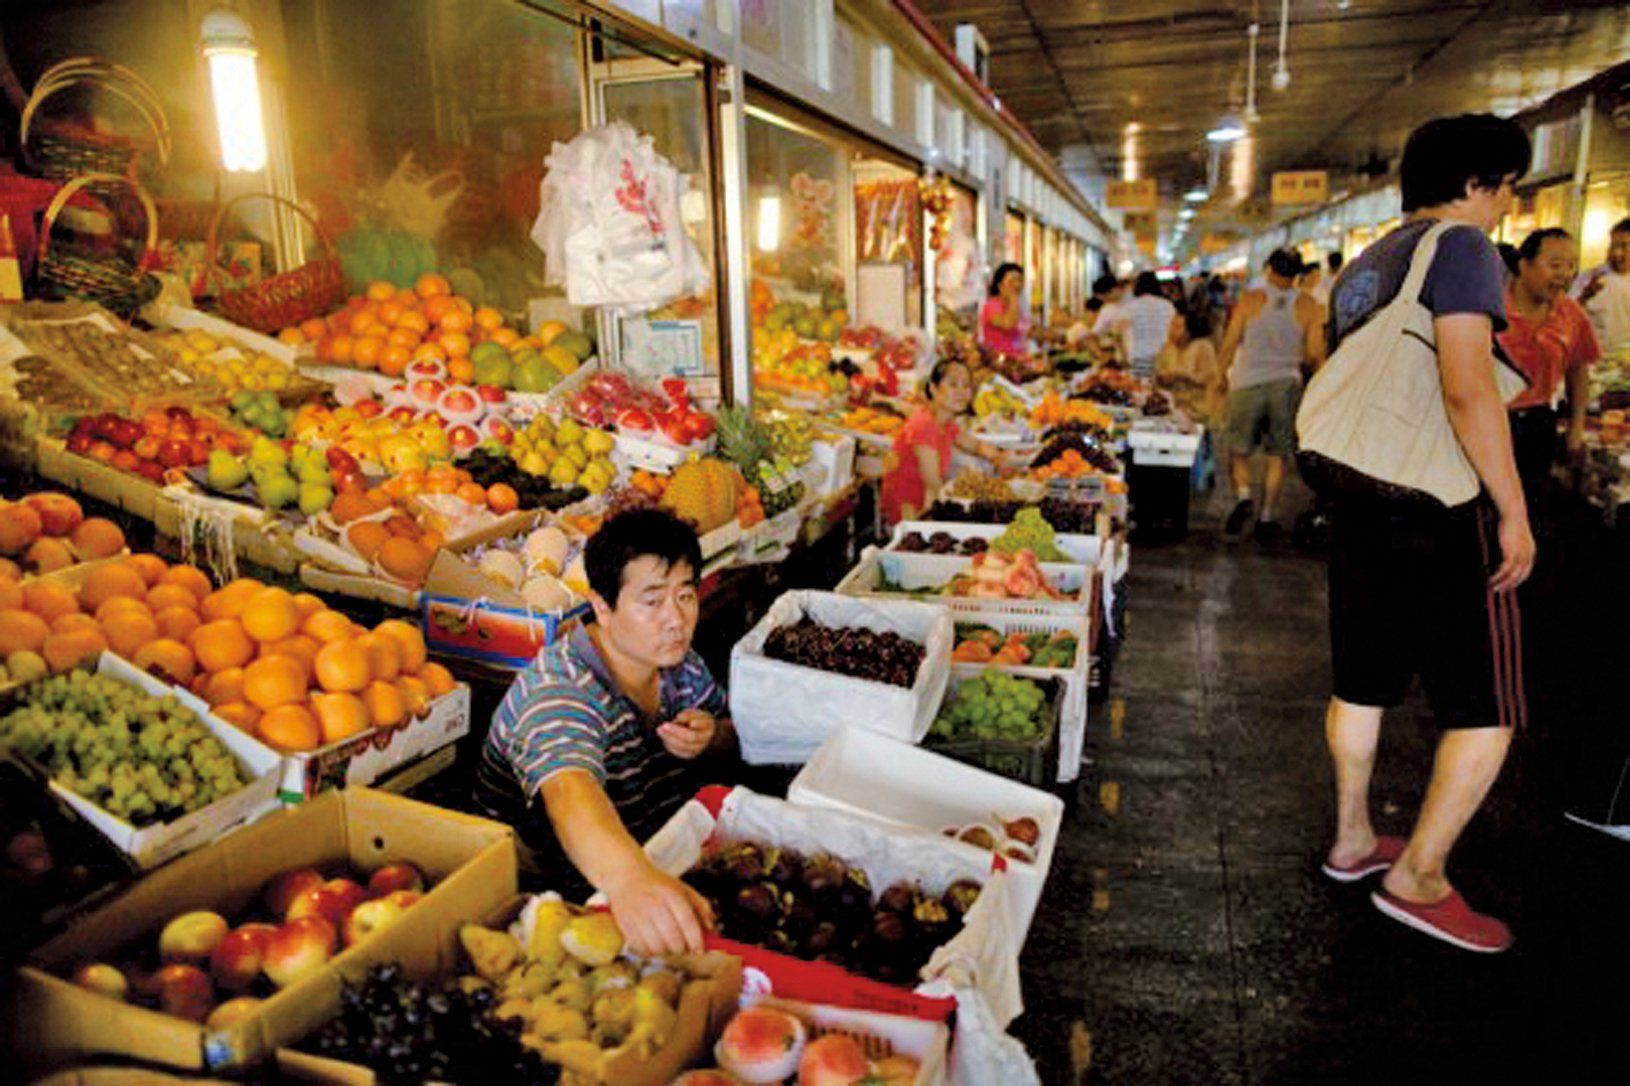 中國國家統計局8月10日發佈數據顯示中國經濟下半年開始低迷。7月份全國消費者物價指數(CPI)漲幅僅為1.8%。 (Ed Jones/AFP)